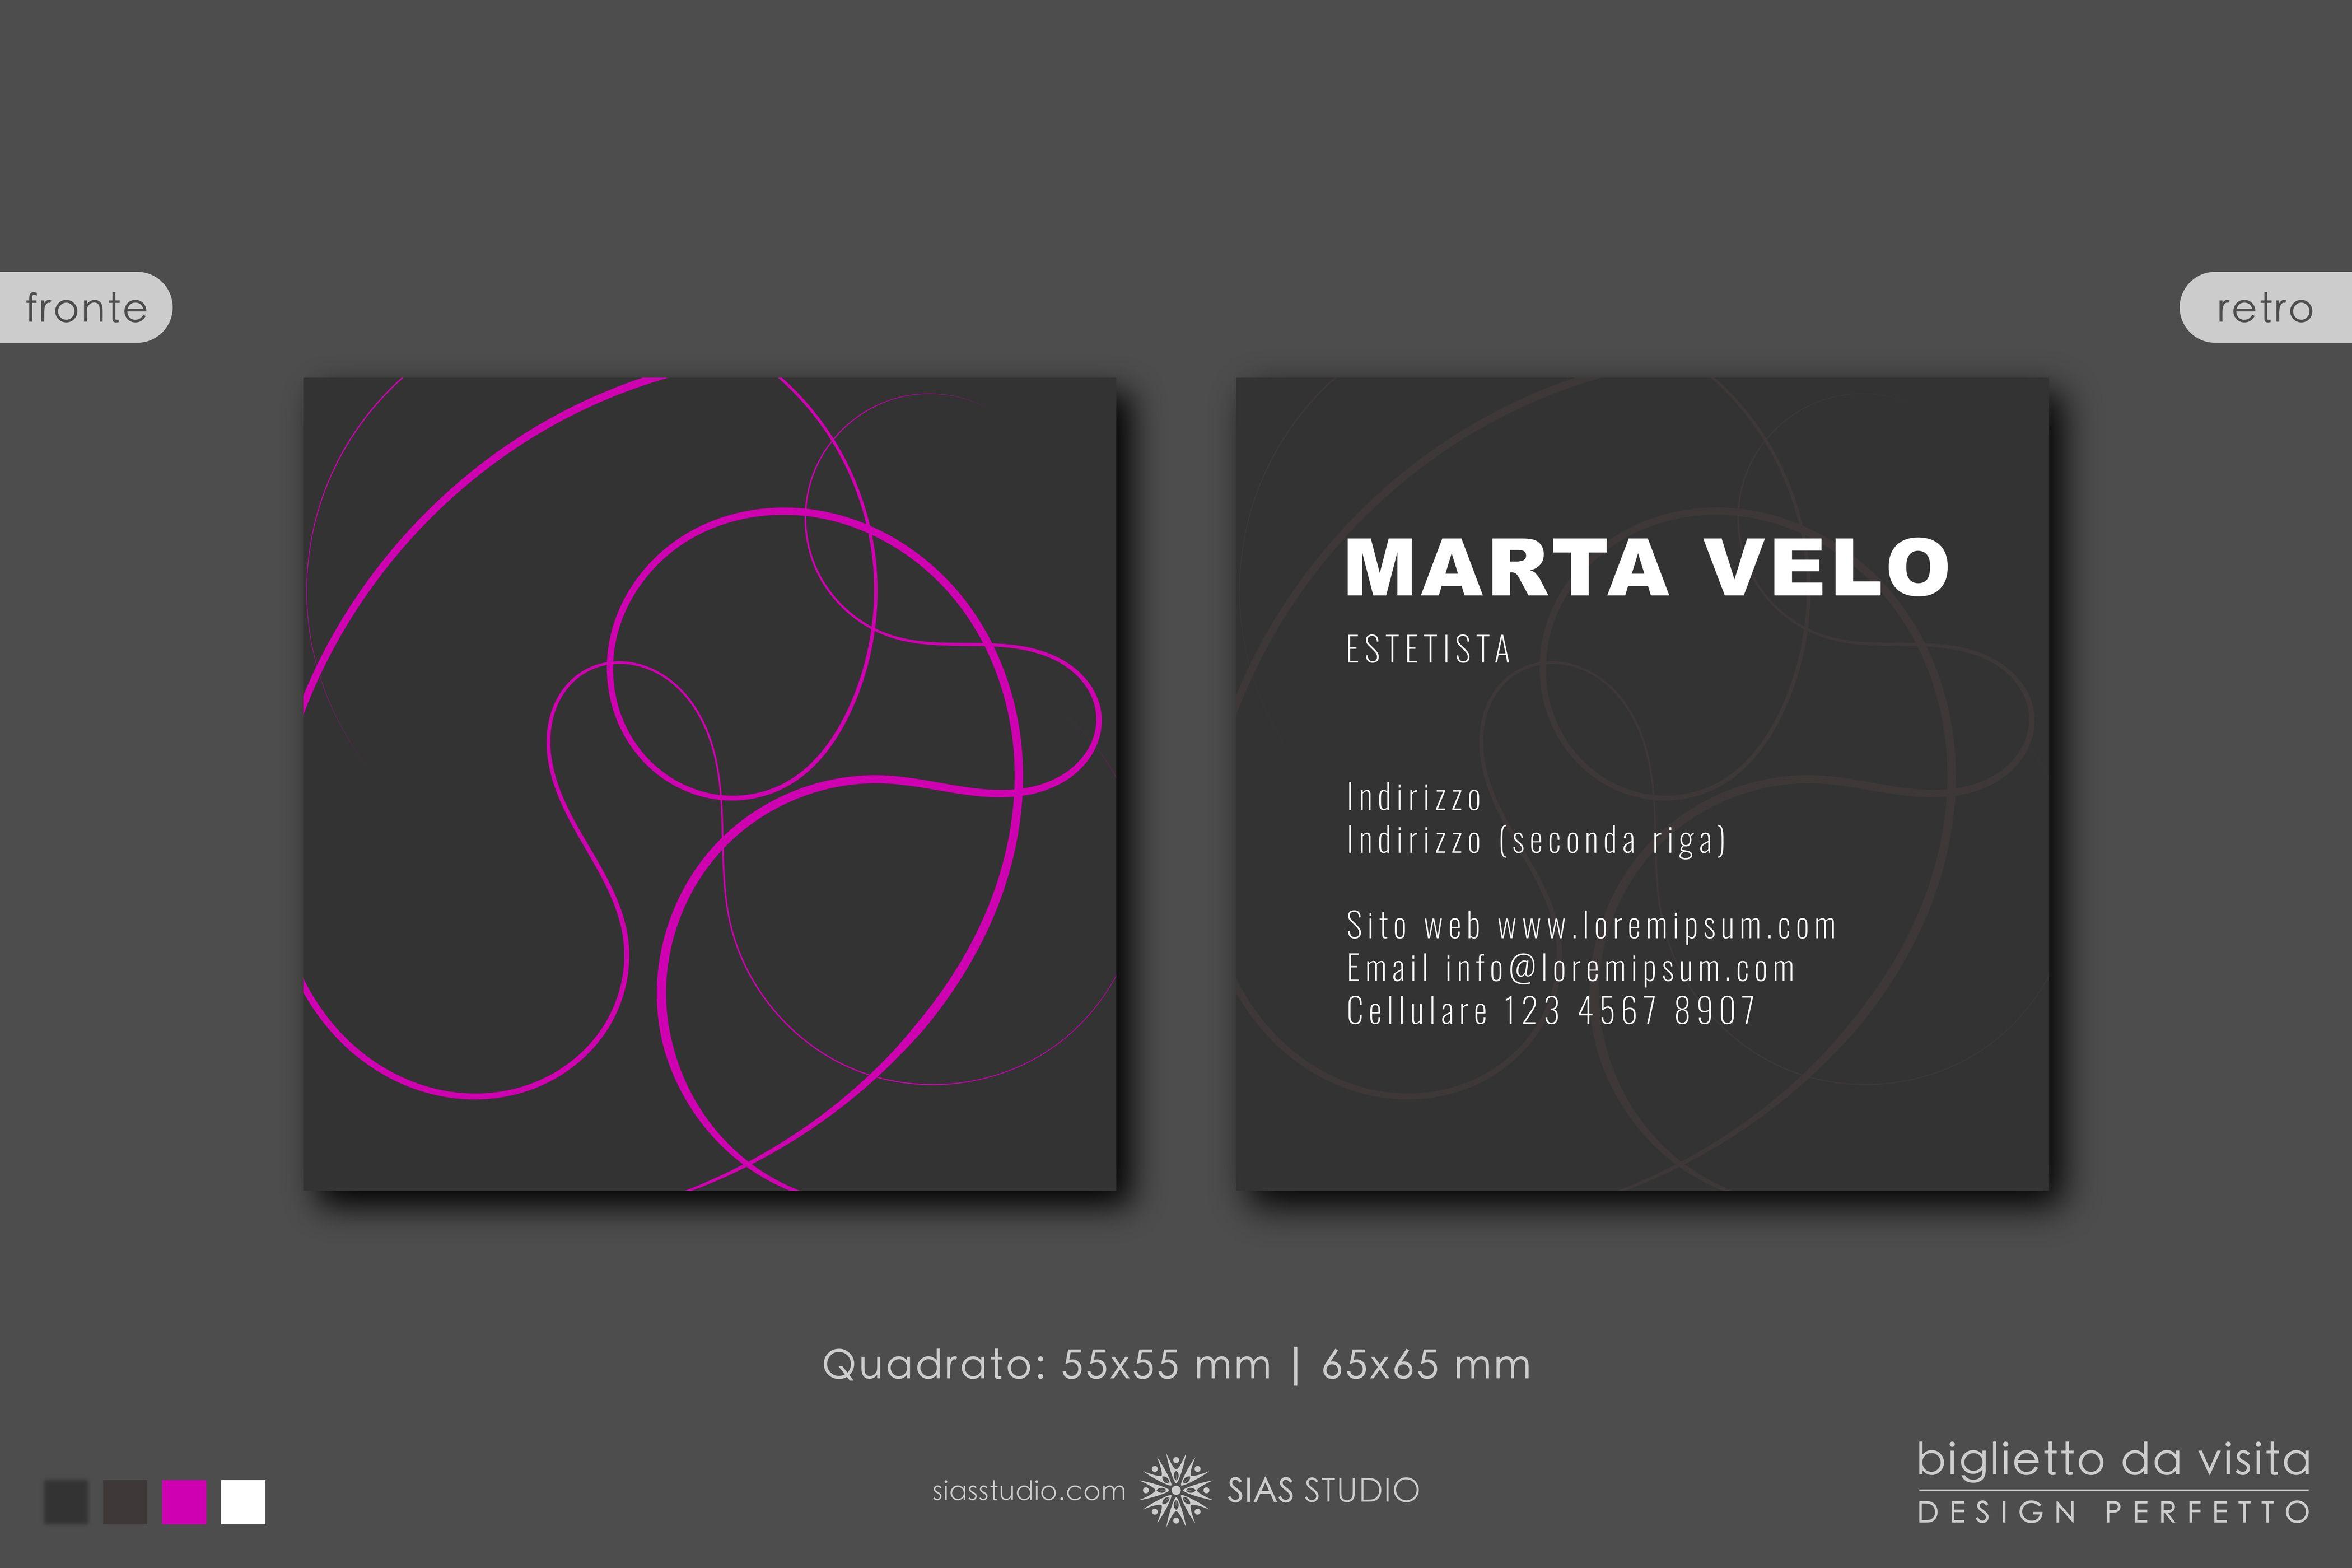 Modello Per Biglietto Da Visita Marta Velo Design Fantasia